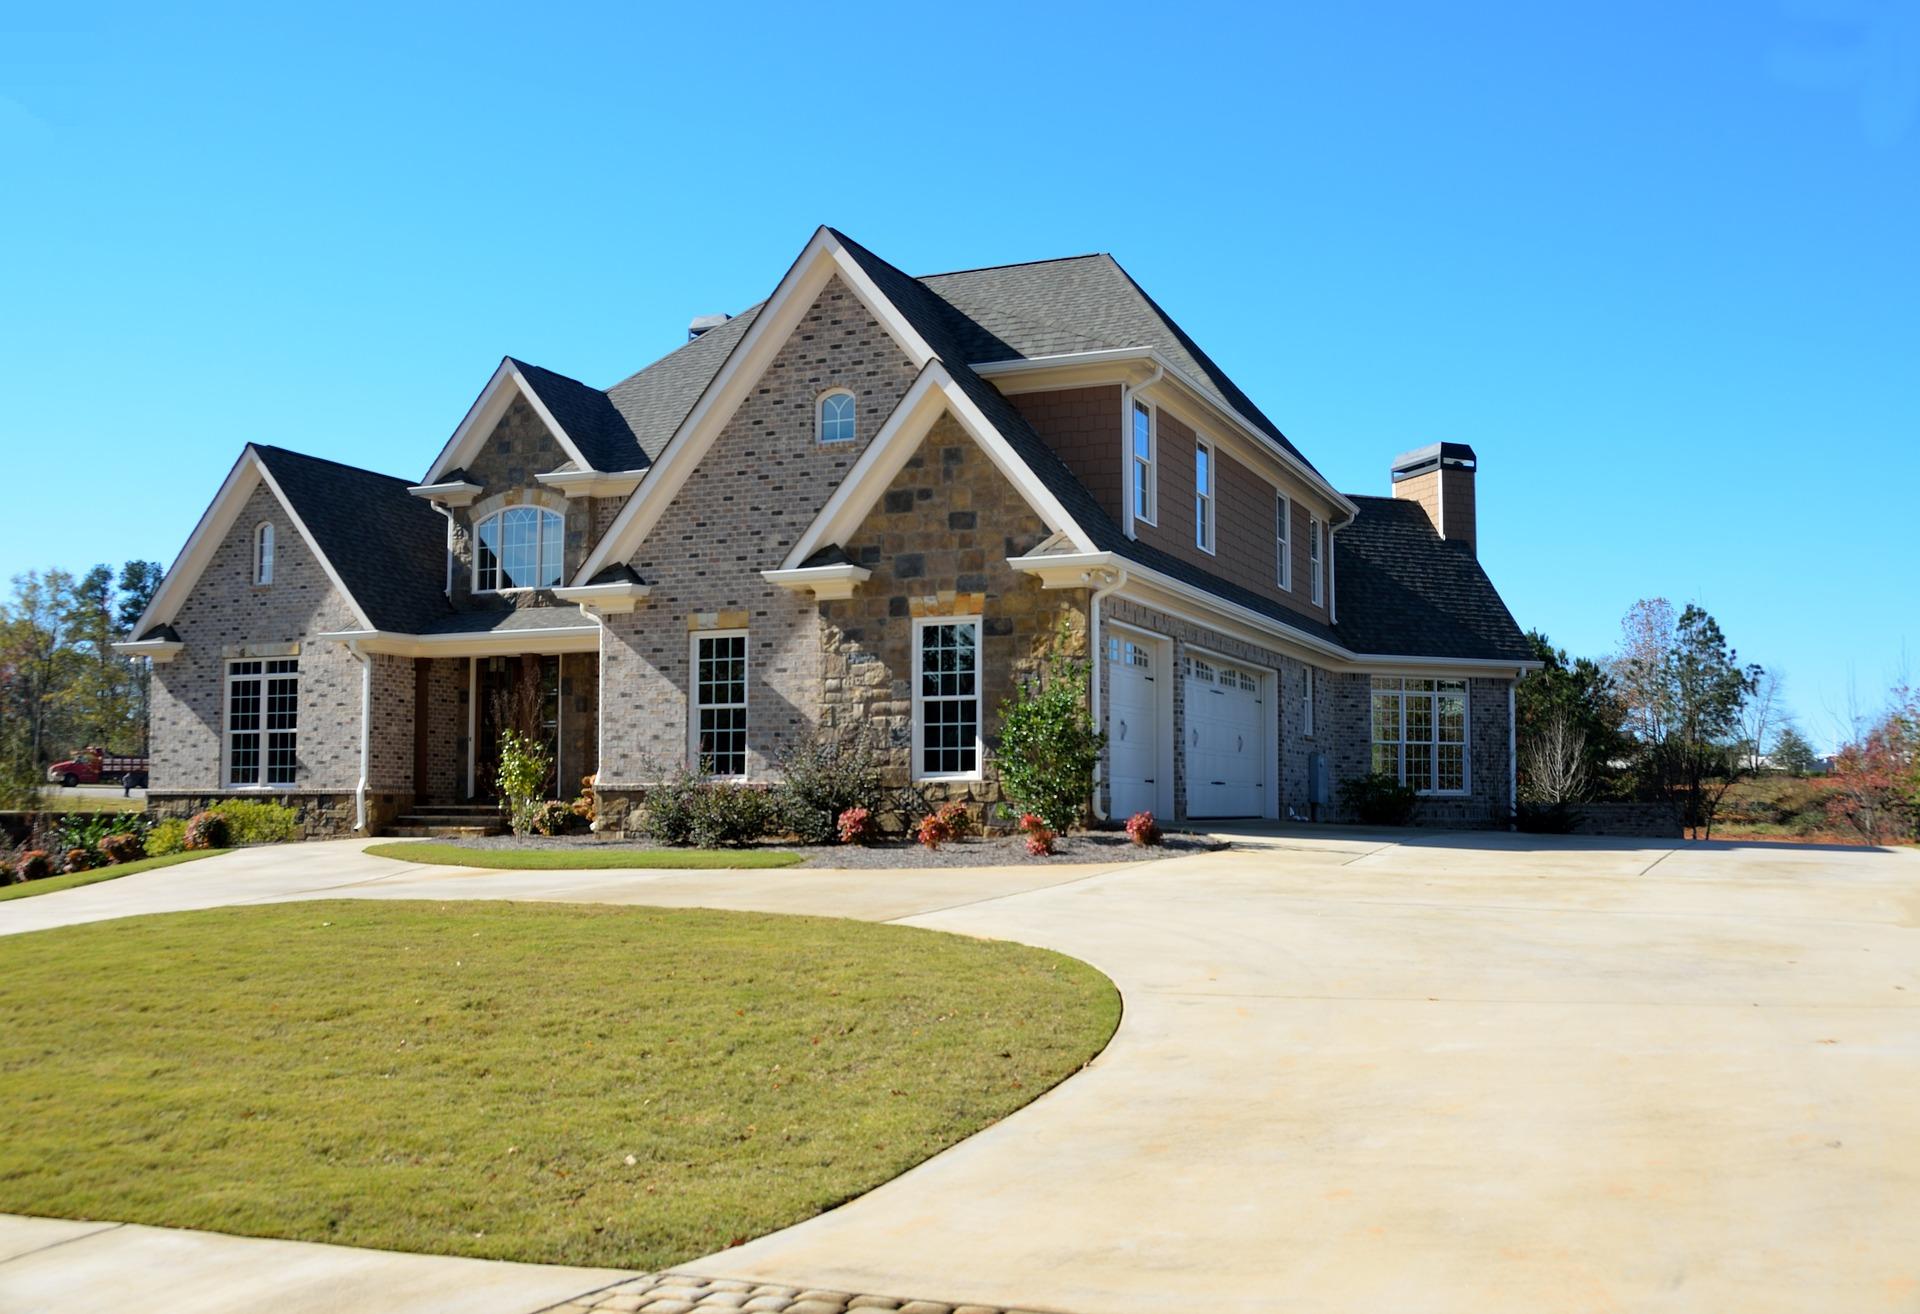 luxury-home-2409518_1920.jpg